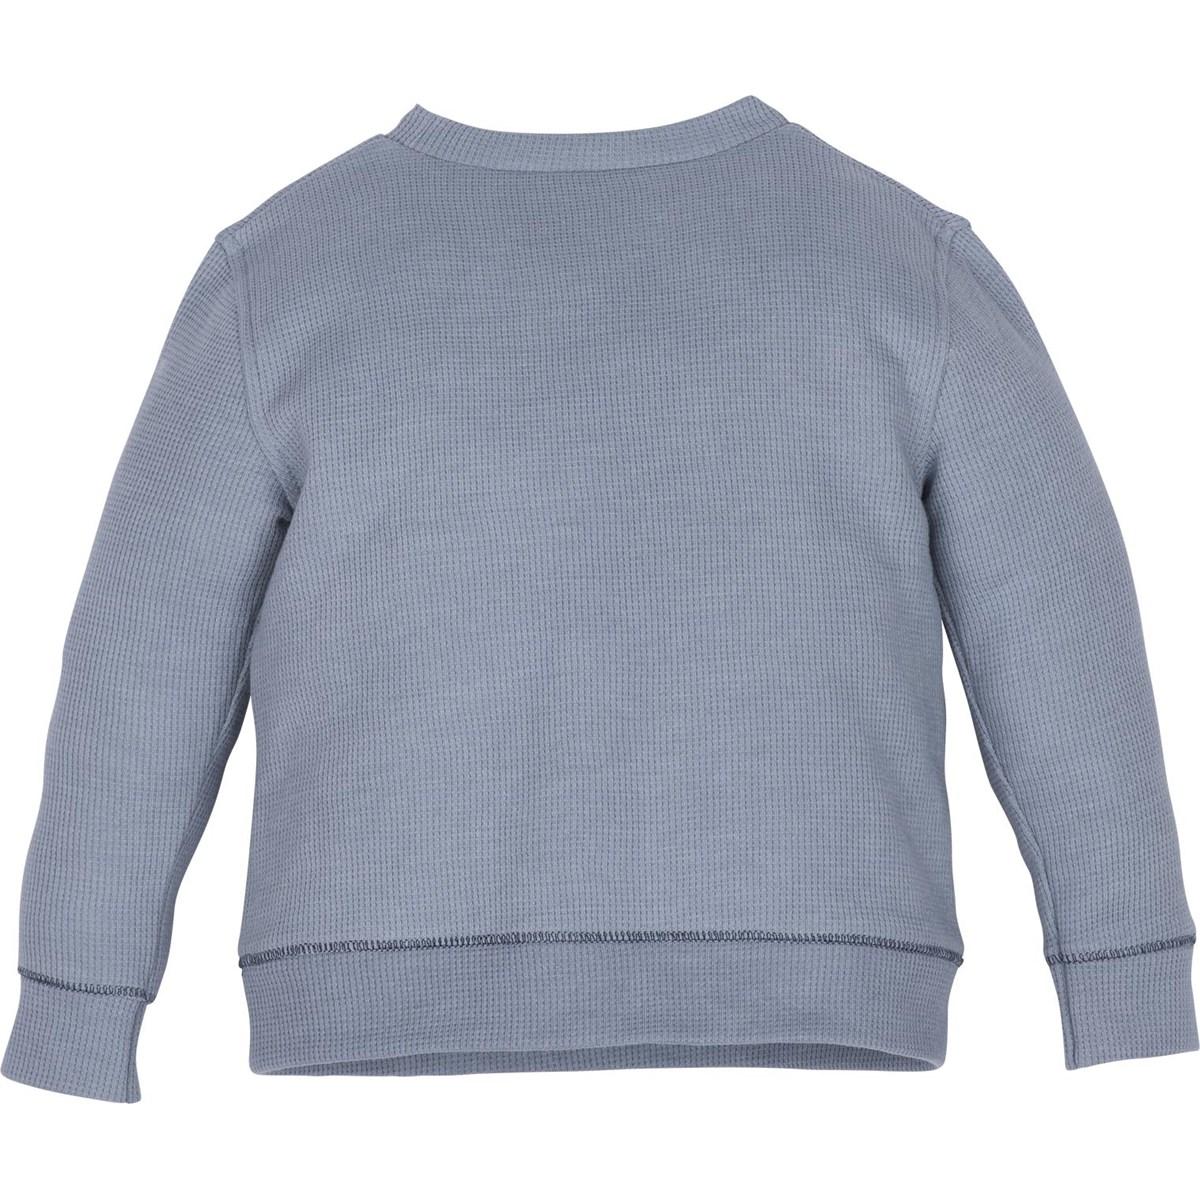 12665 Sweatshirt 2